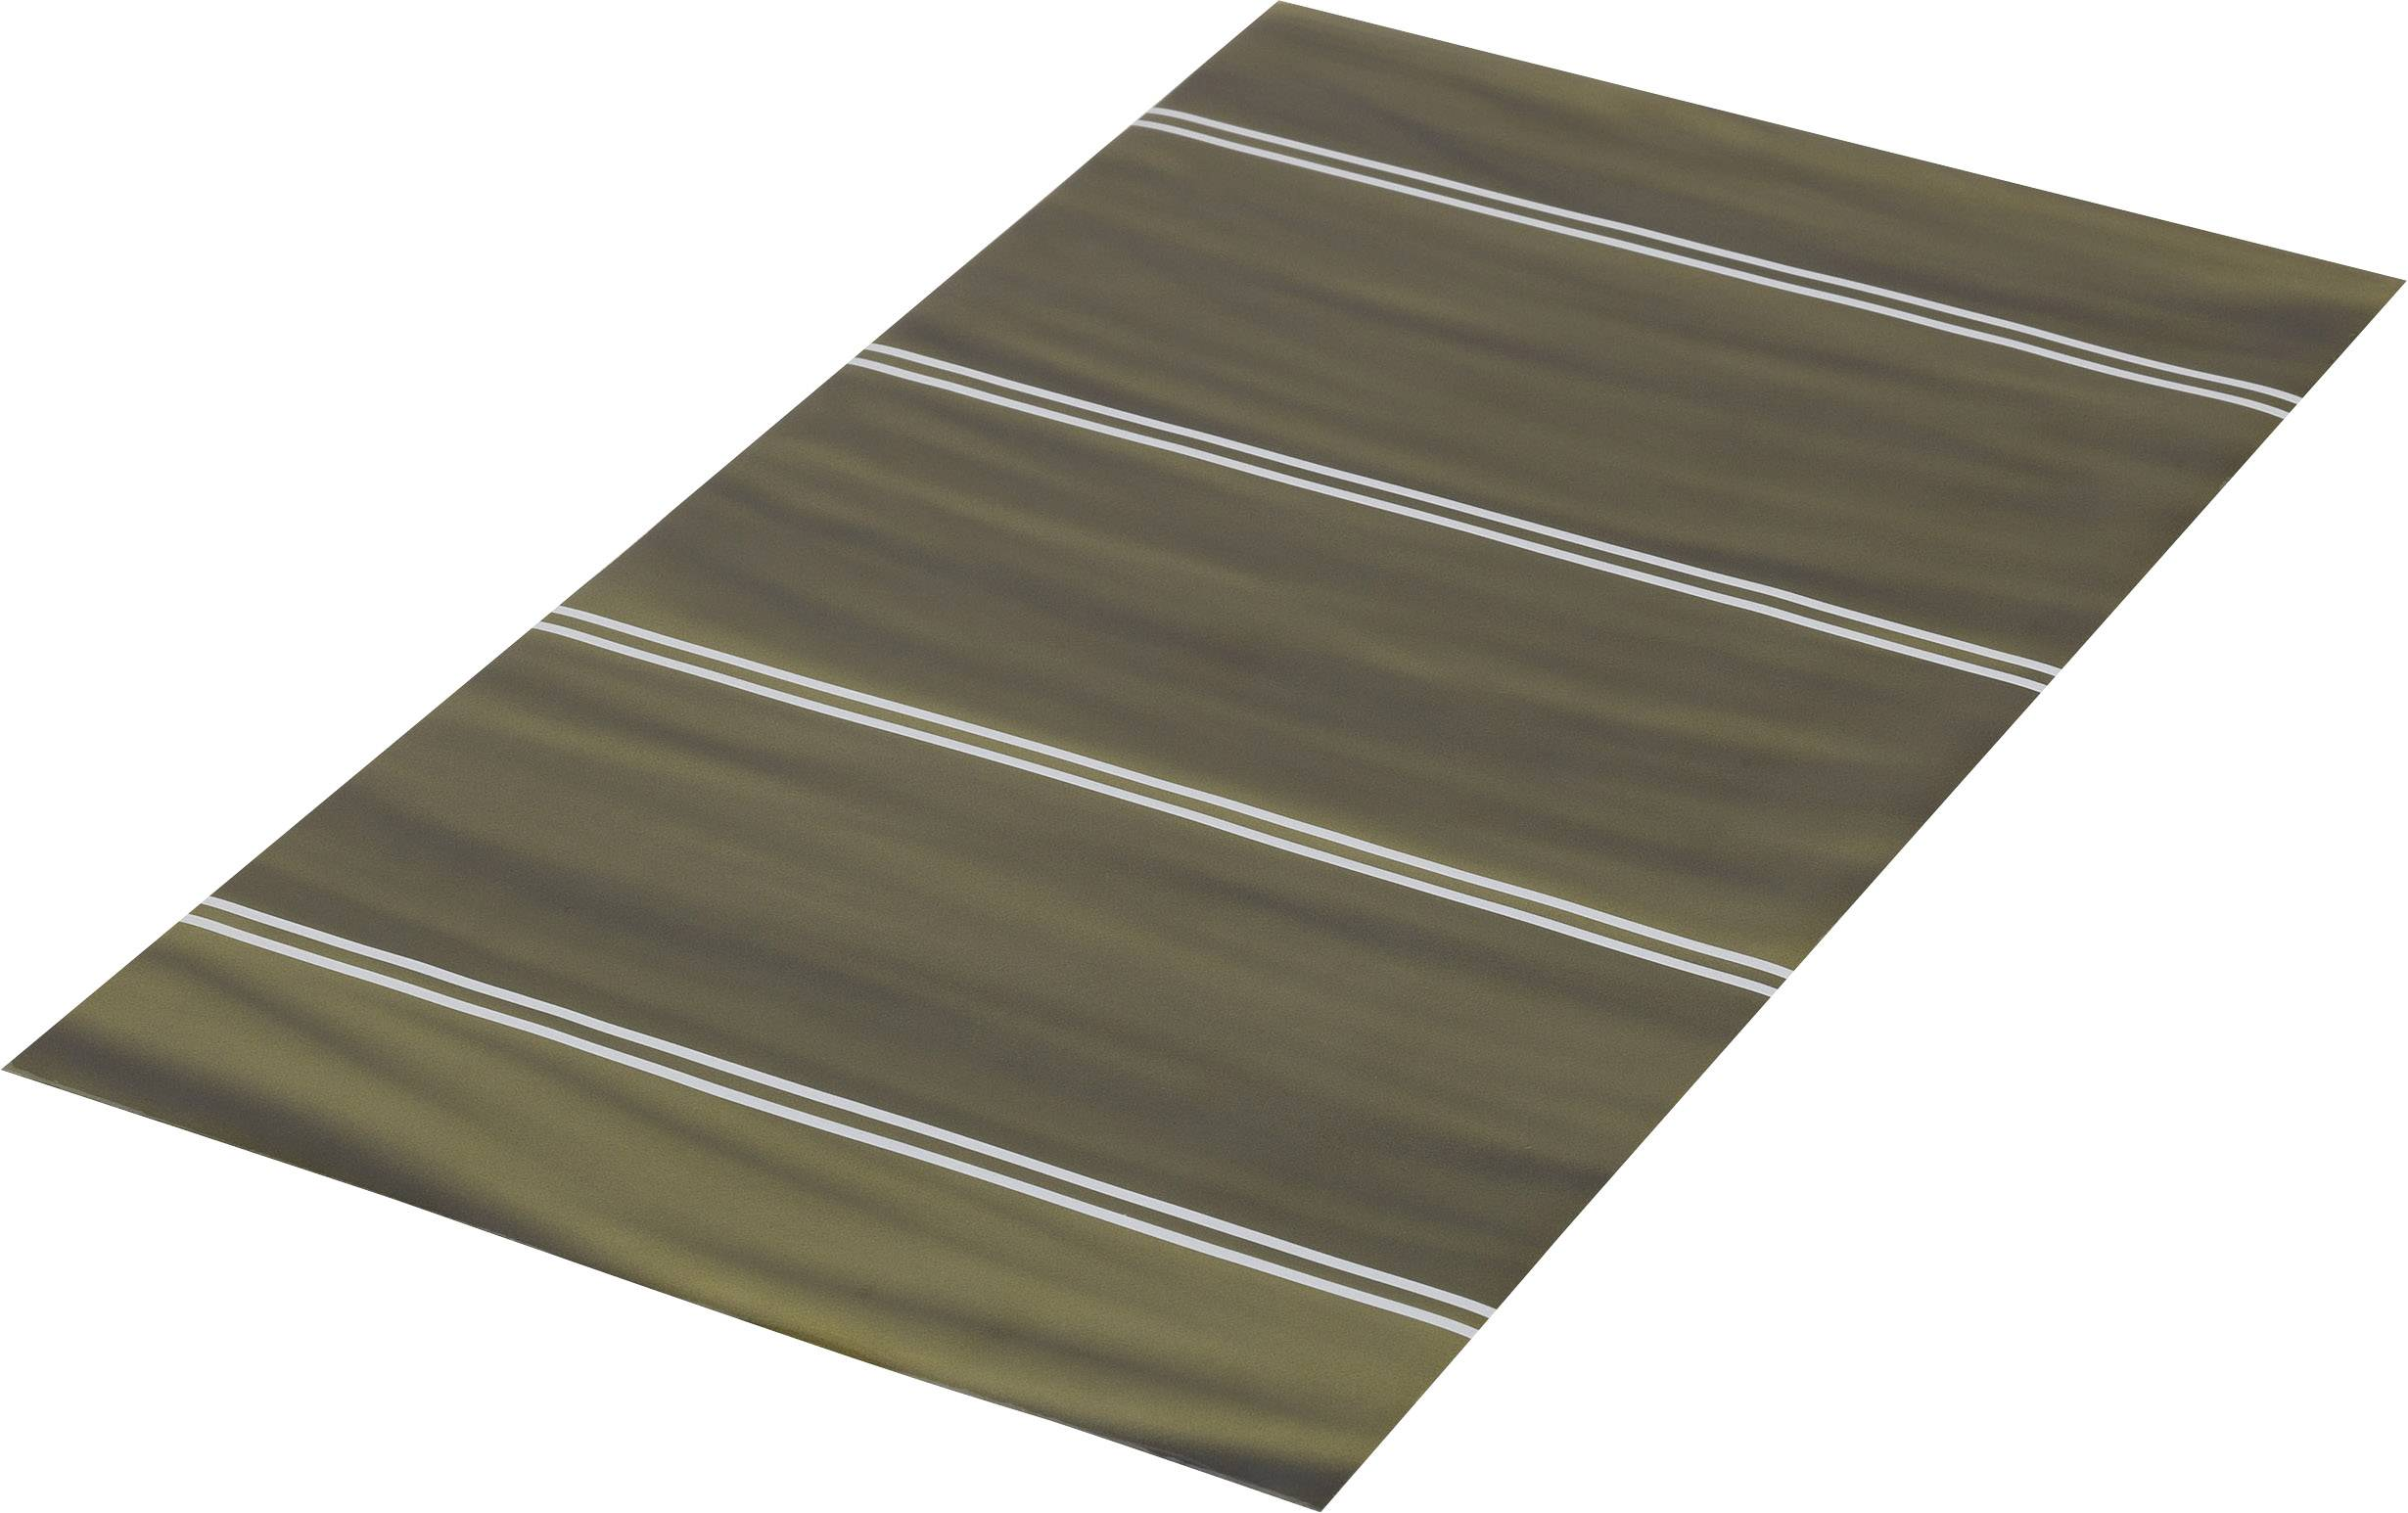 Fólie pro indikaci magnetického pole TRU COMPONENTS 1568275, (d x š) 10 cm x 8.7 cm